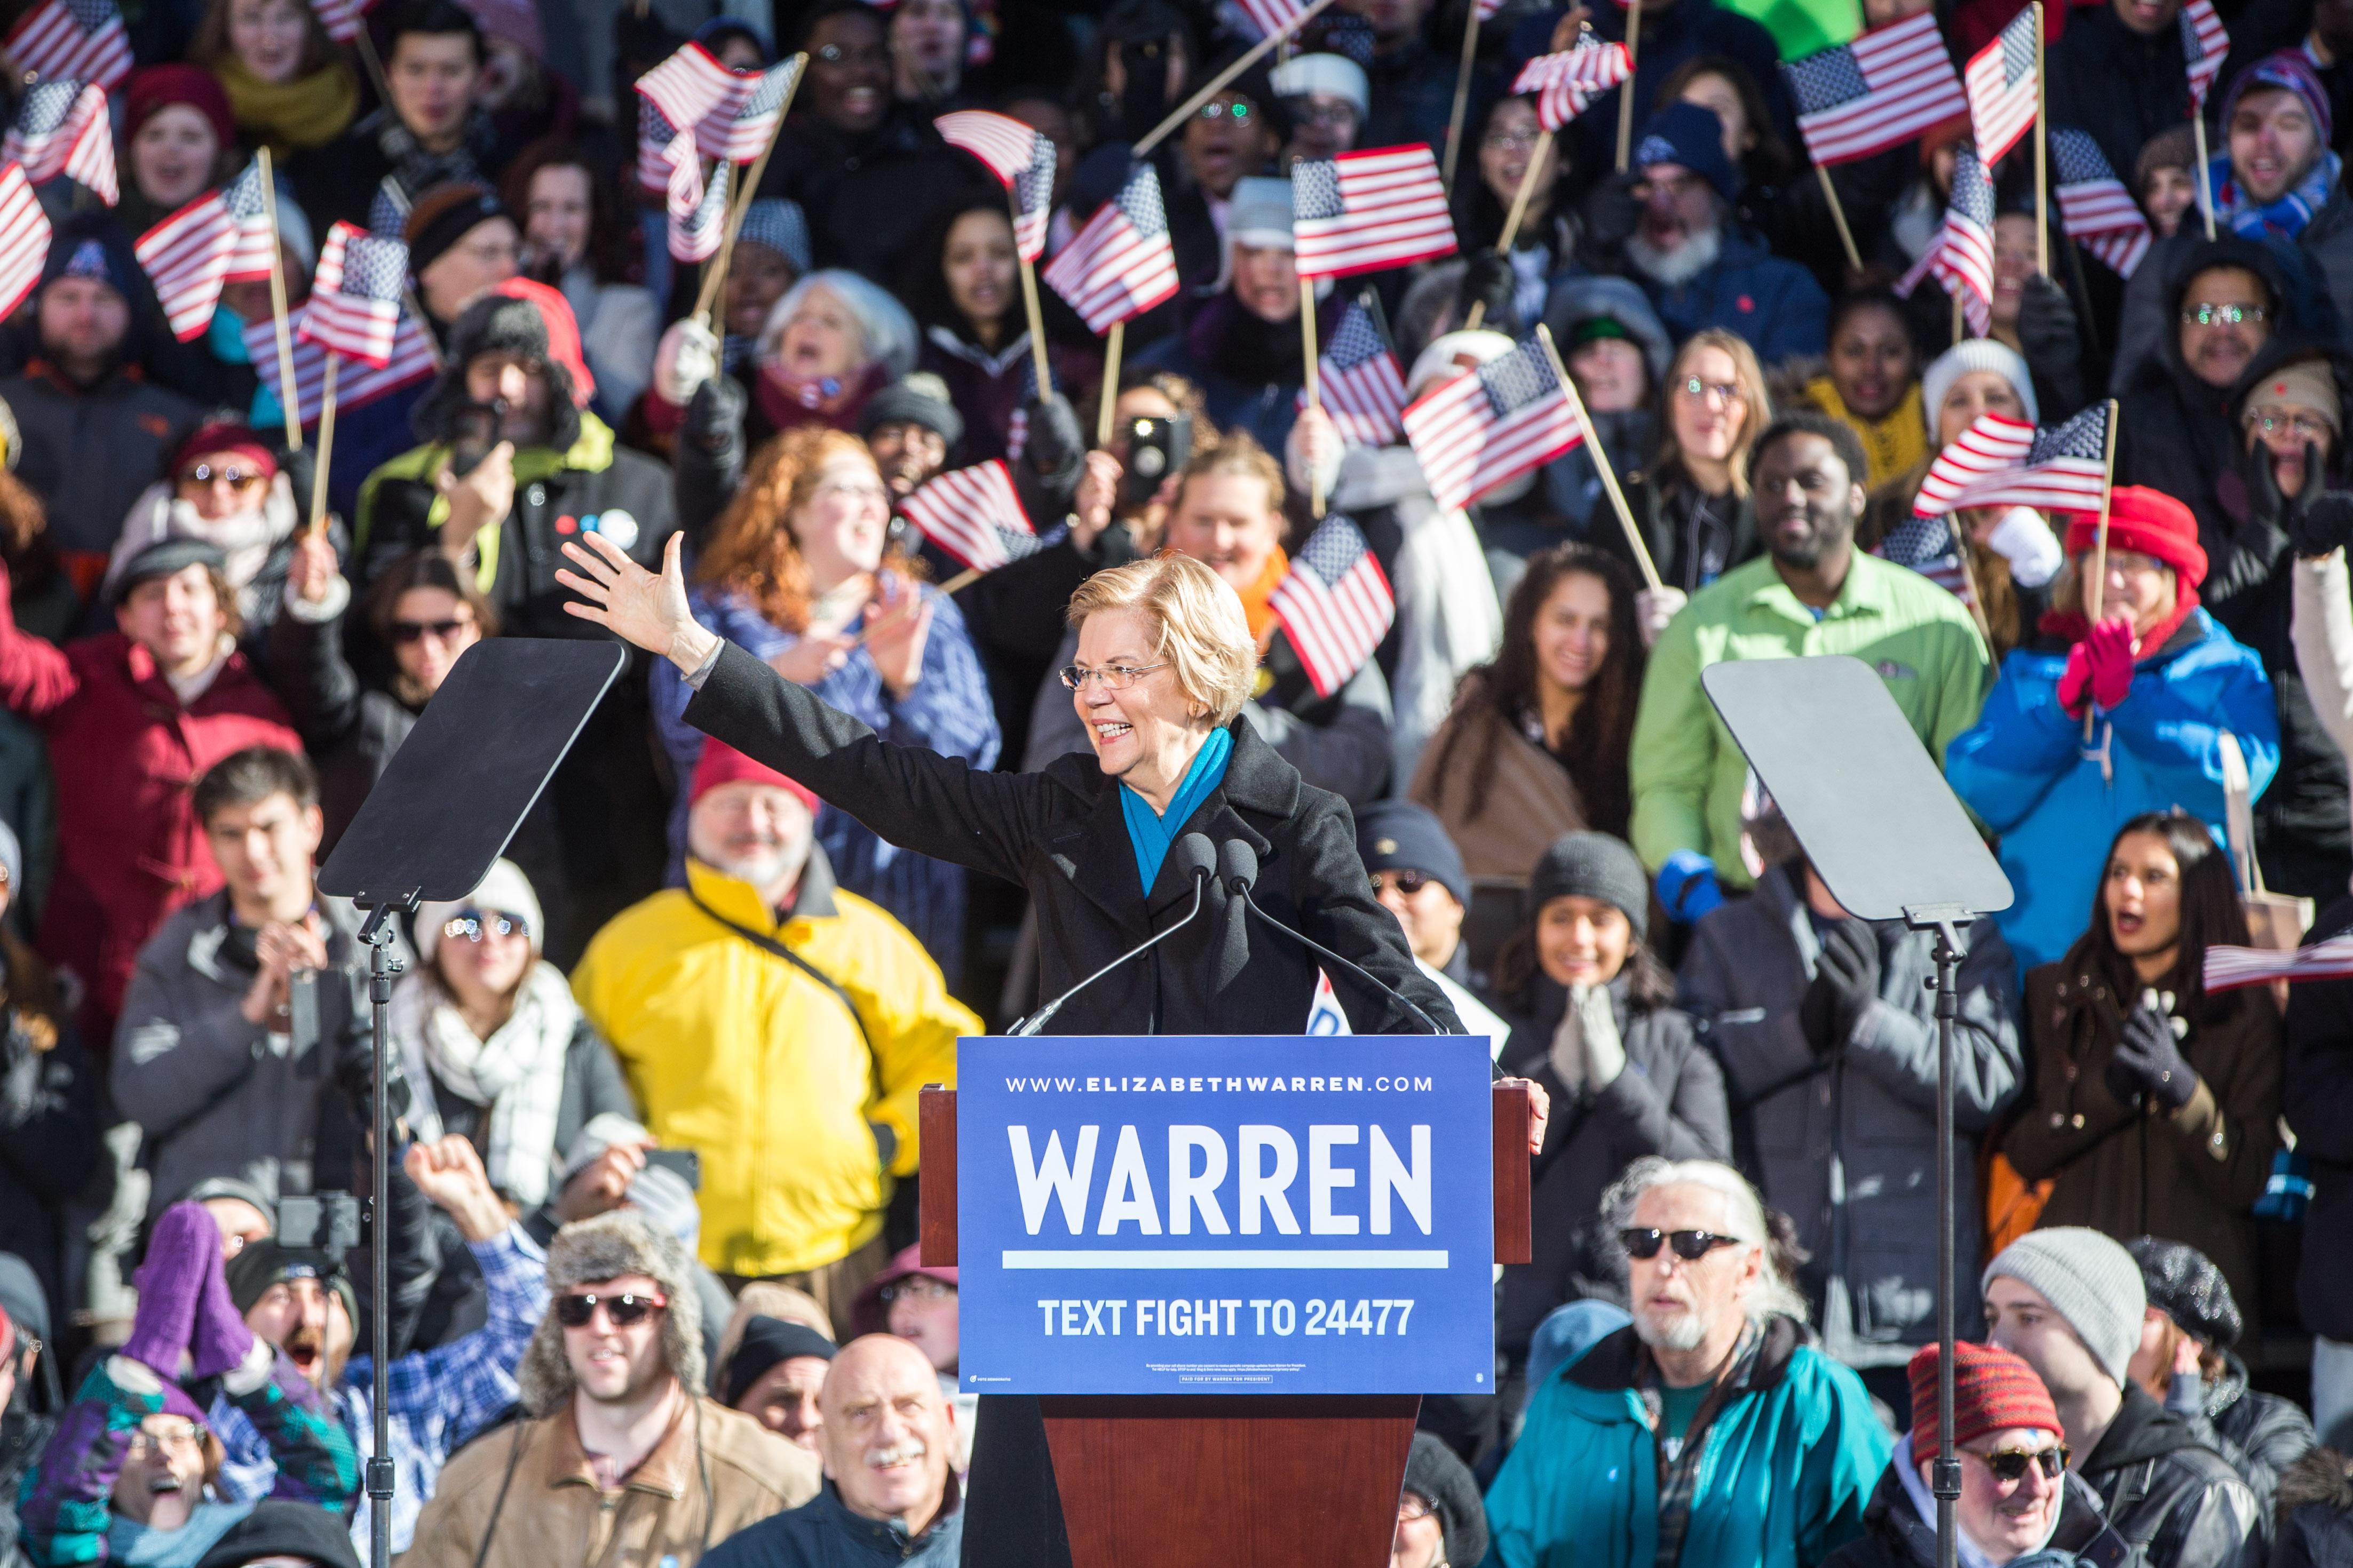 Sen. Elizabeth Warren (D-MA) Announces Presidential Bid In Lawrence, Massachusetts